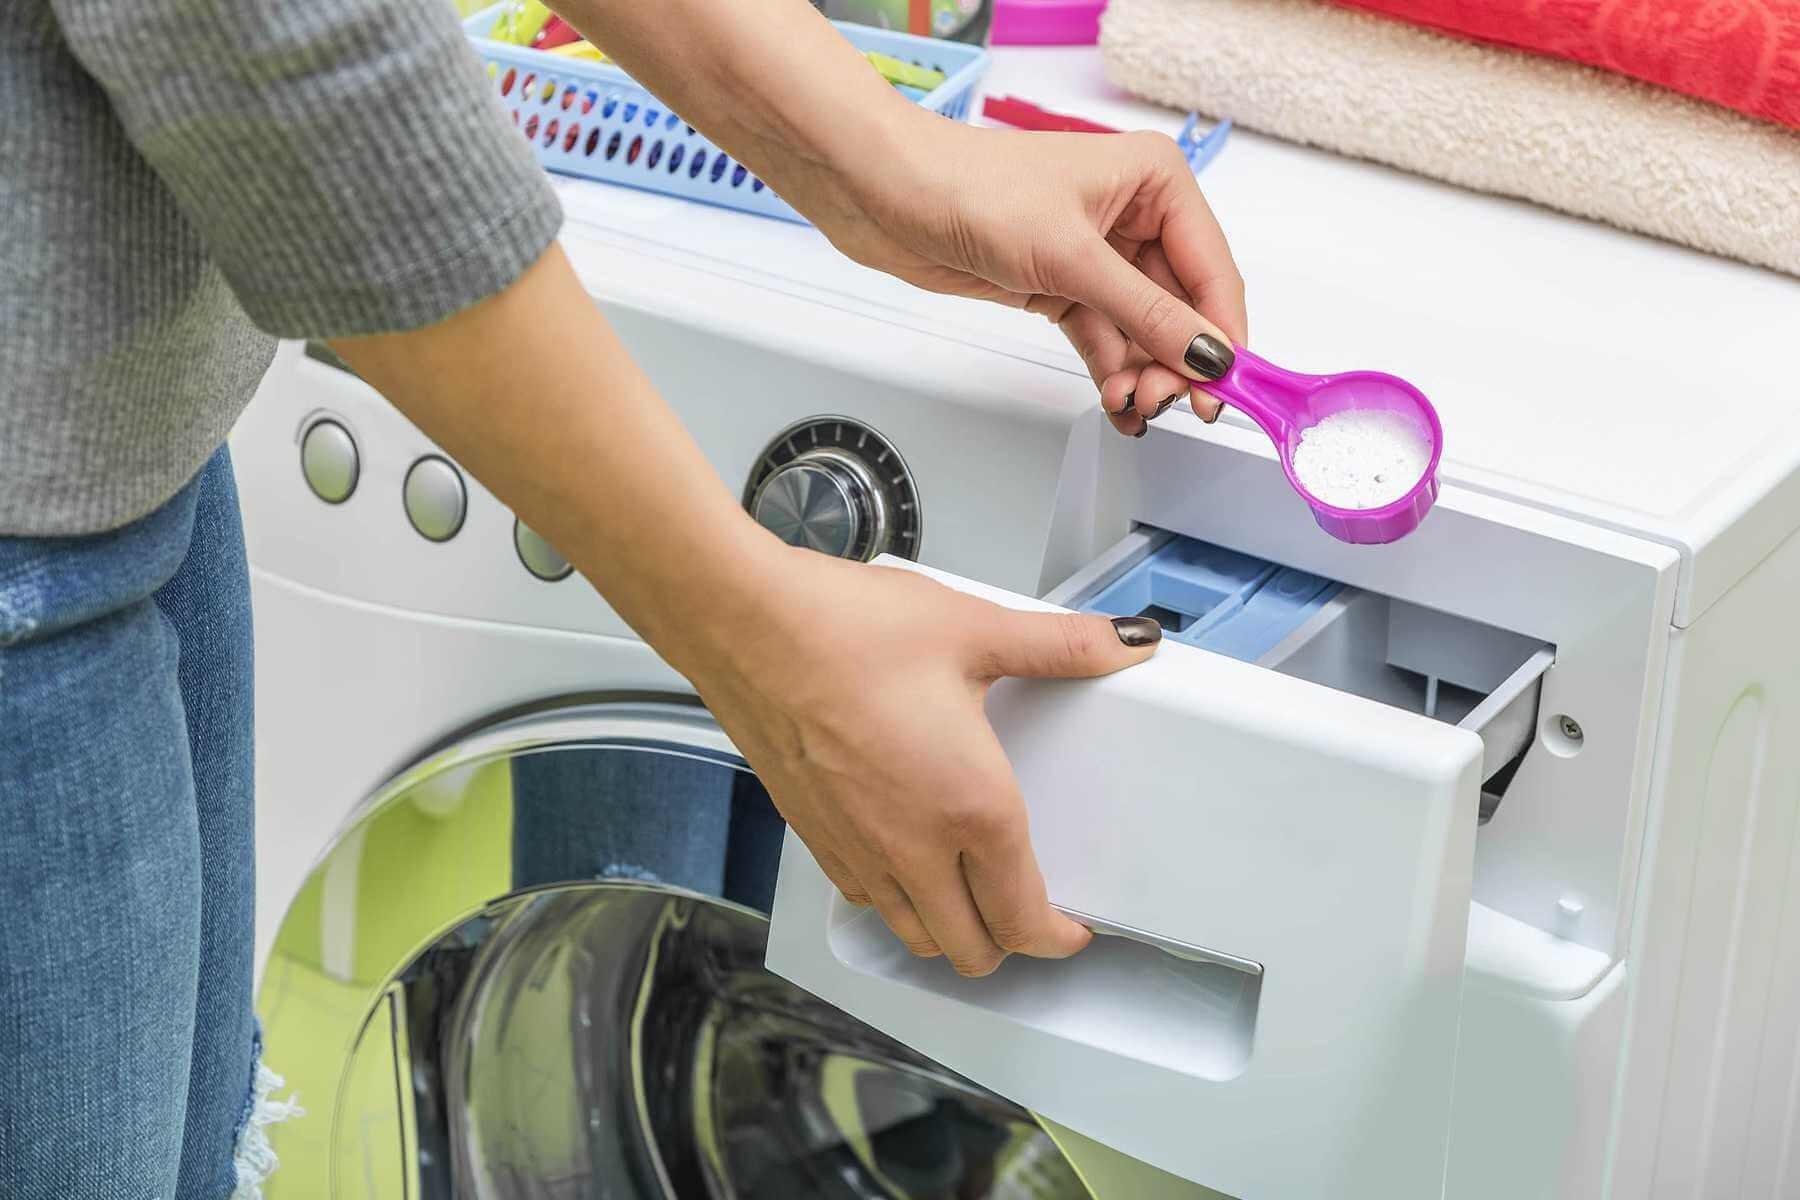 Bột giặt, nước giặt là một trong những chất tẩy rửa quan trọng